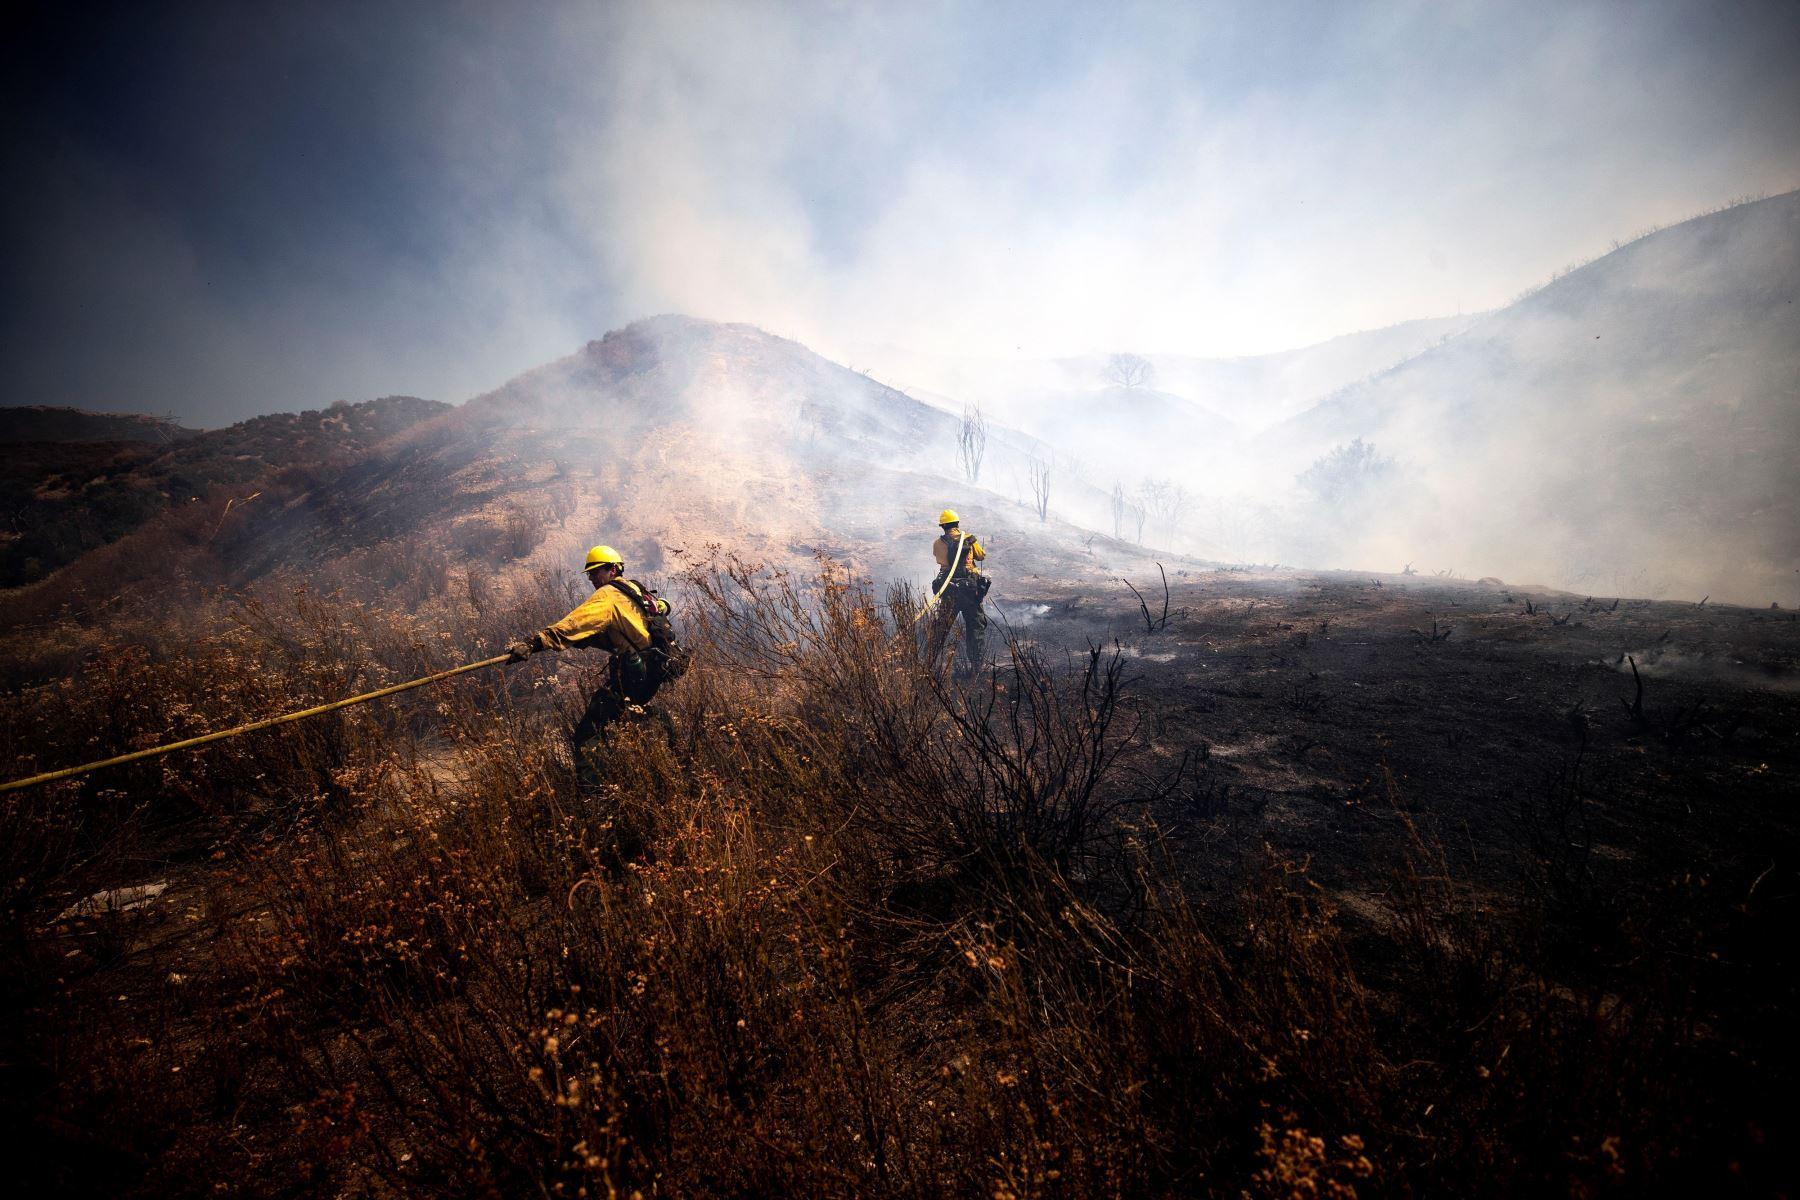 Los bomberos intentan extinguir el incendio de Elsmere cerca de Santa Clarita, California, EE. UU. Según los últimos informes de los medios, el incendio ha quemado 130 acres.   Foto: EFE